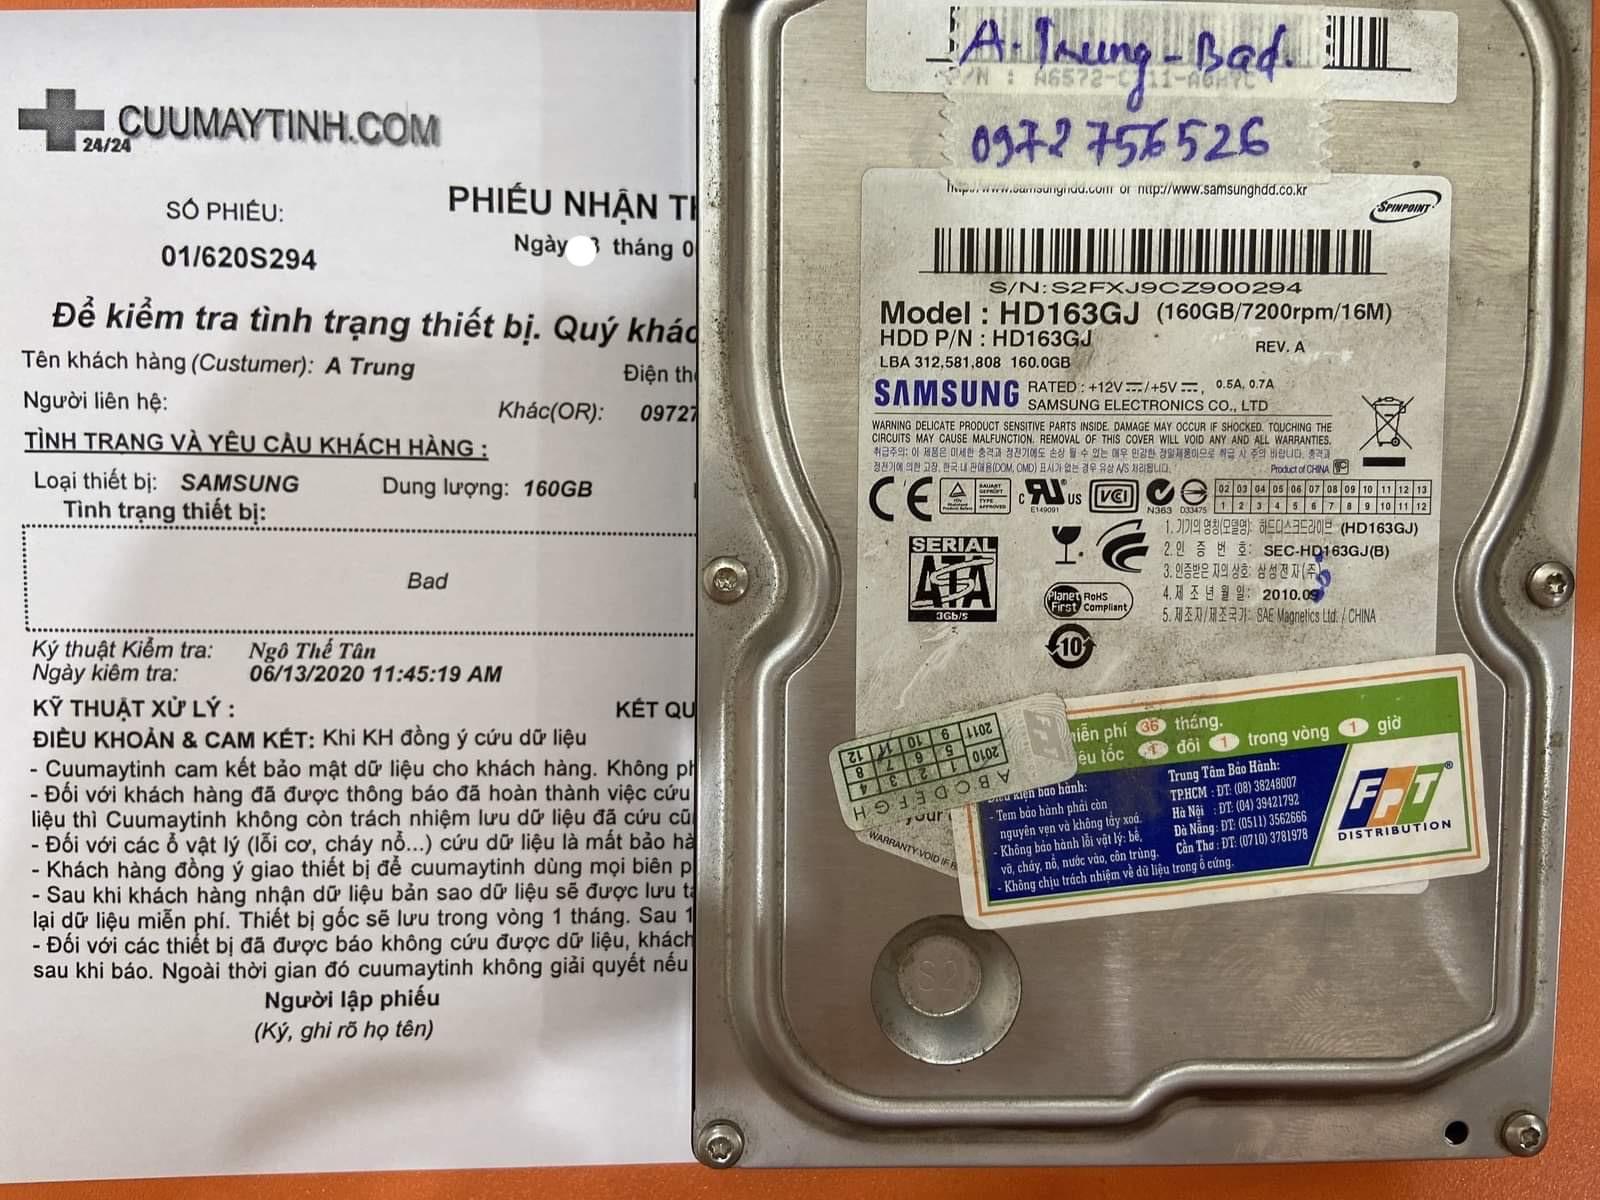 Lấy dữ liệu ổ cứng Samsung 160GB bad 16/06/2020 - cuumaytinh